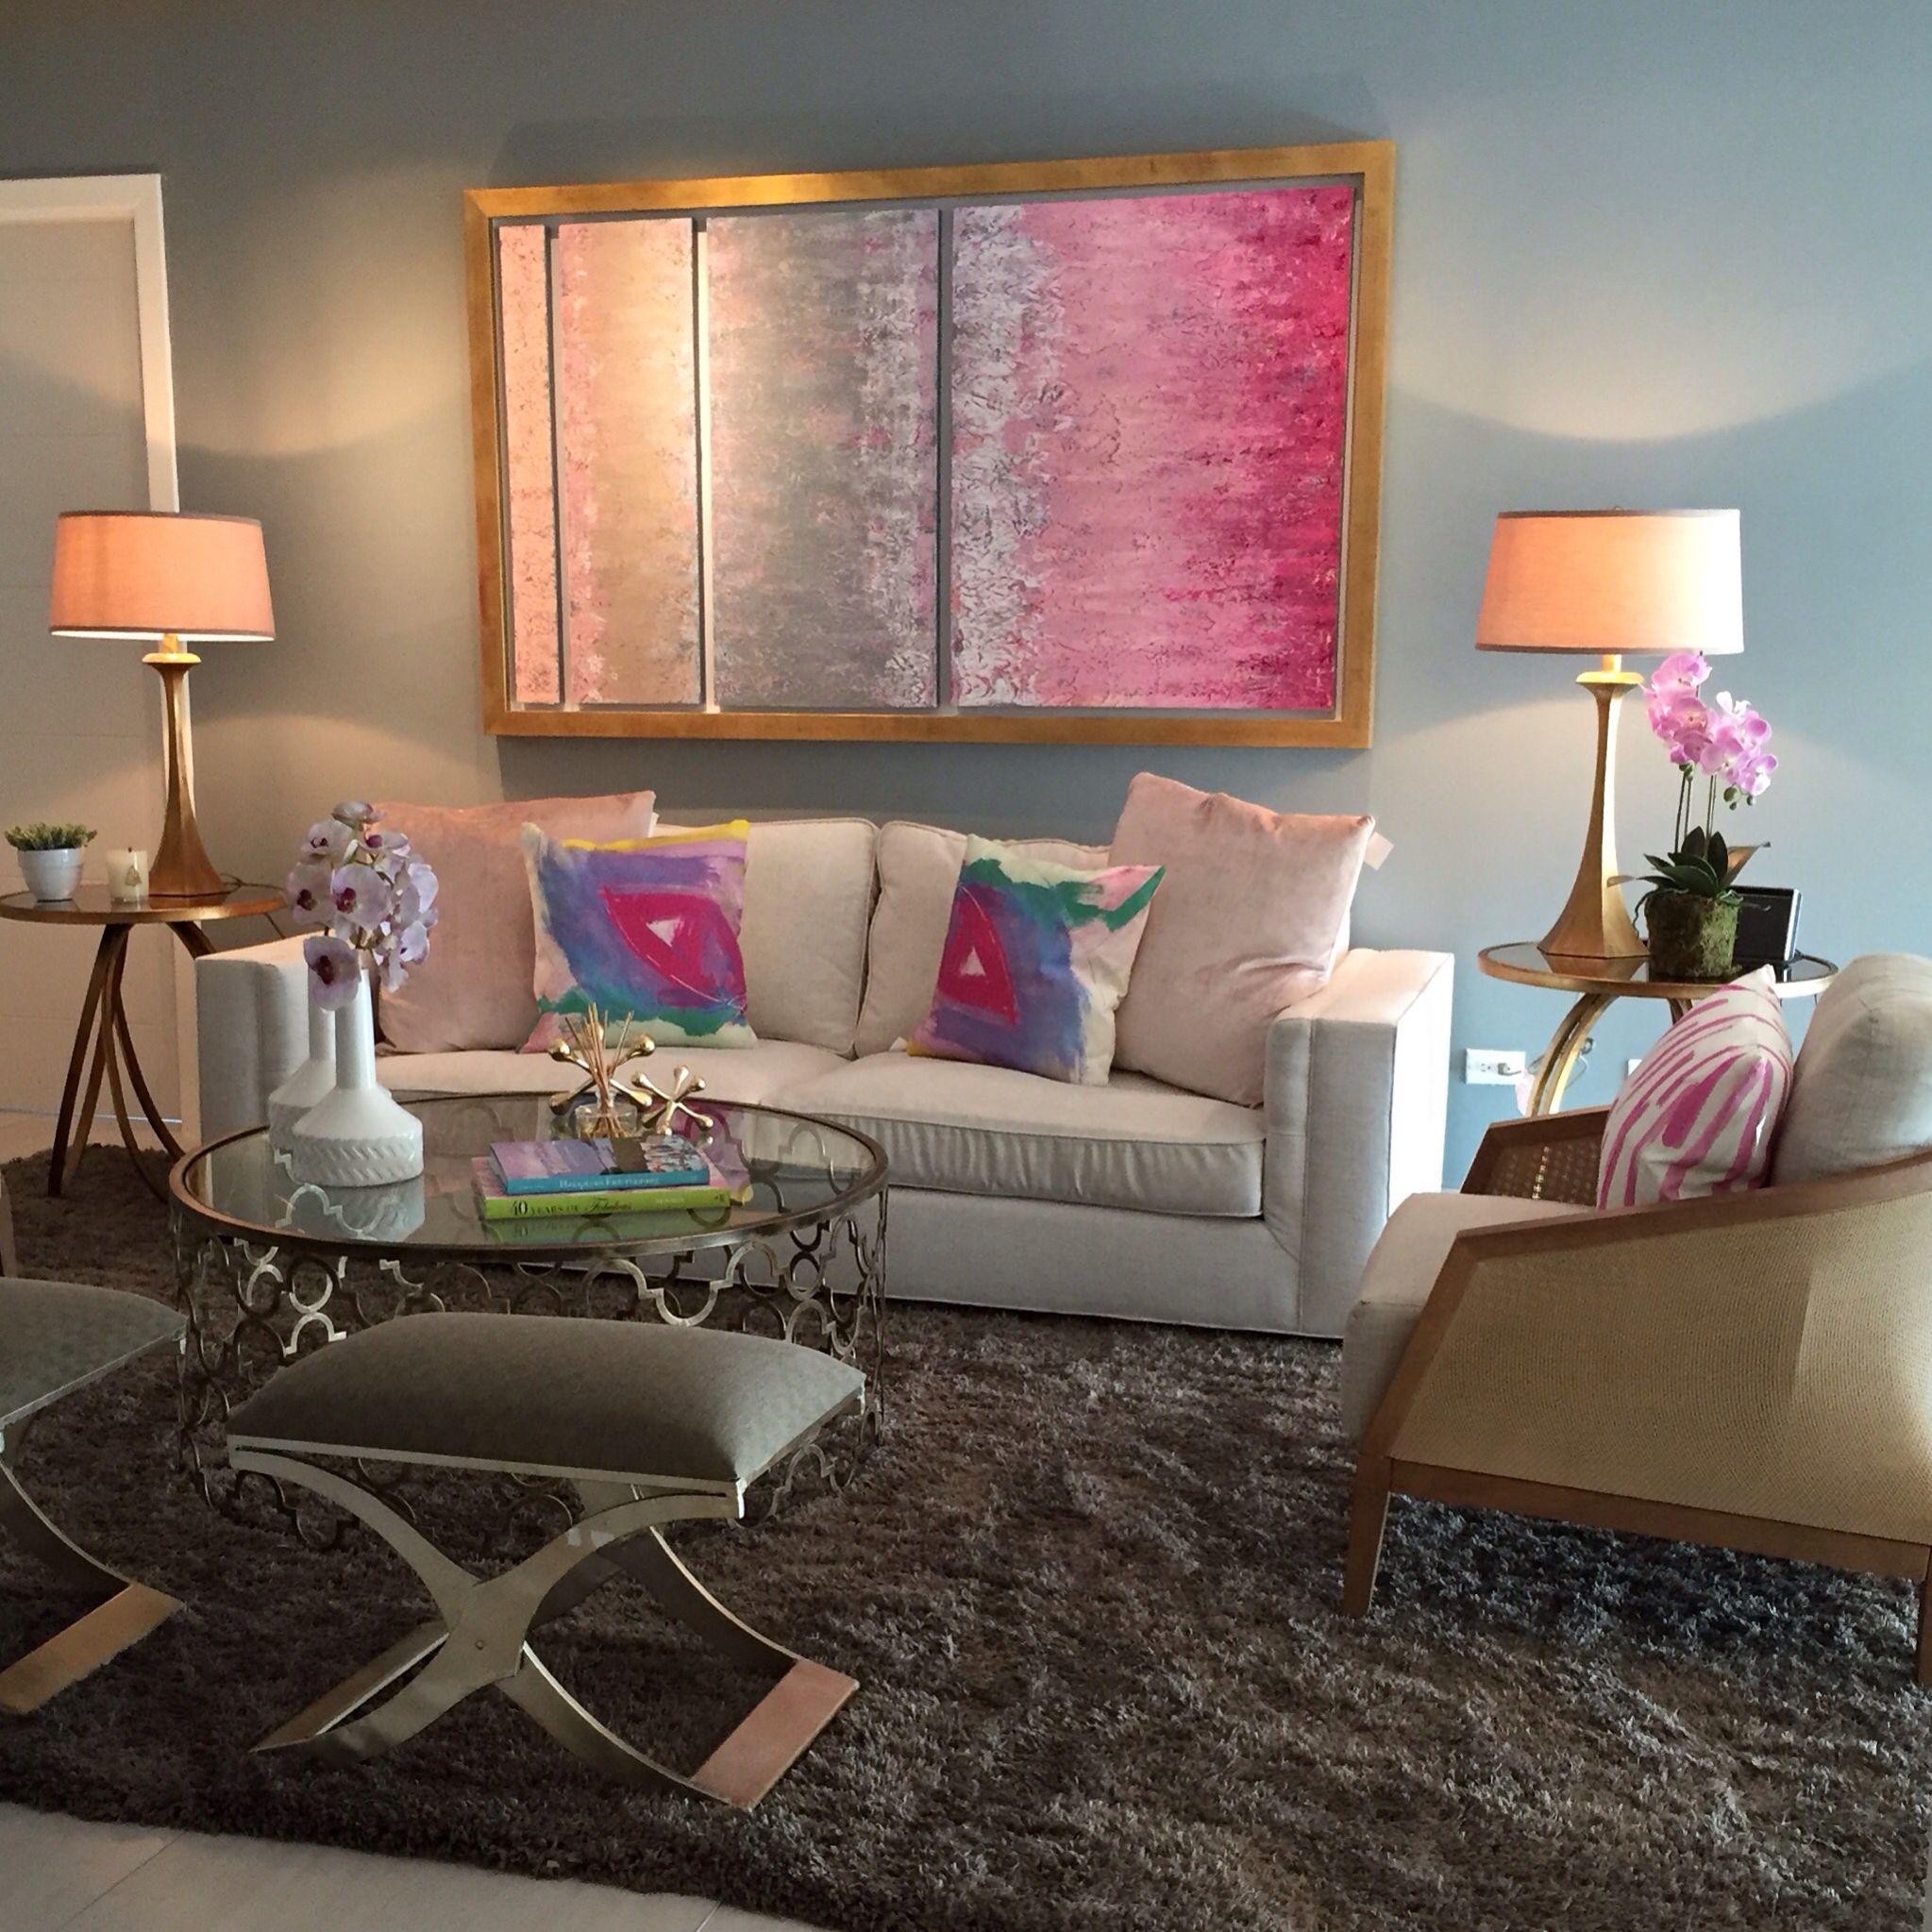 Sala En Colores Rosa Gris Blanco Y Dorado Por Priscilla Conte  # Muebles Segunda Mano Noia